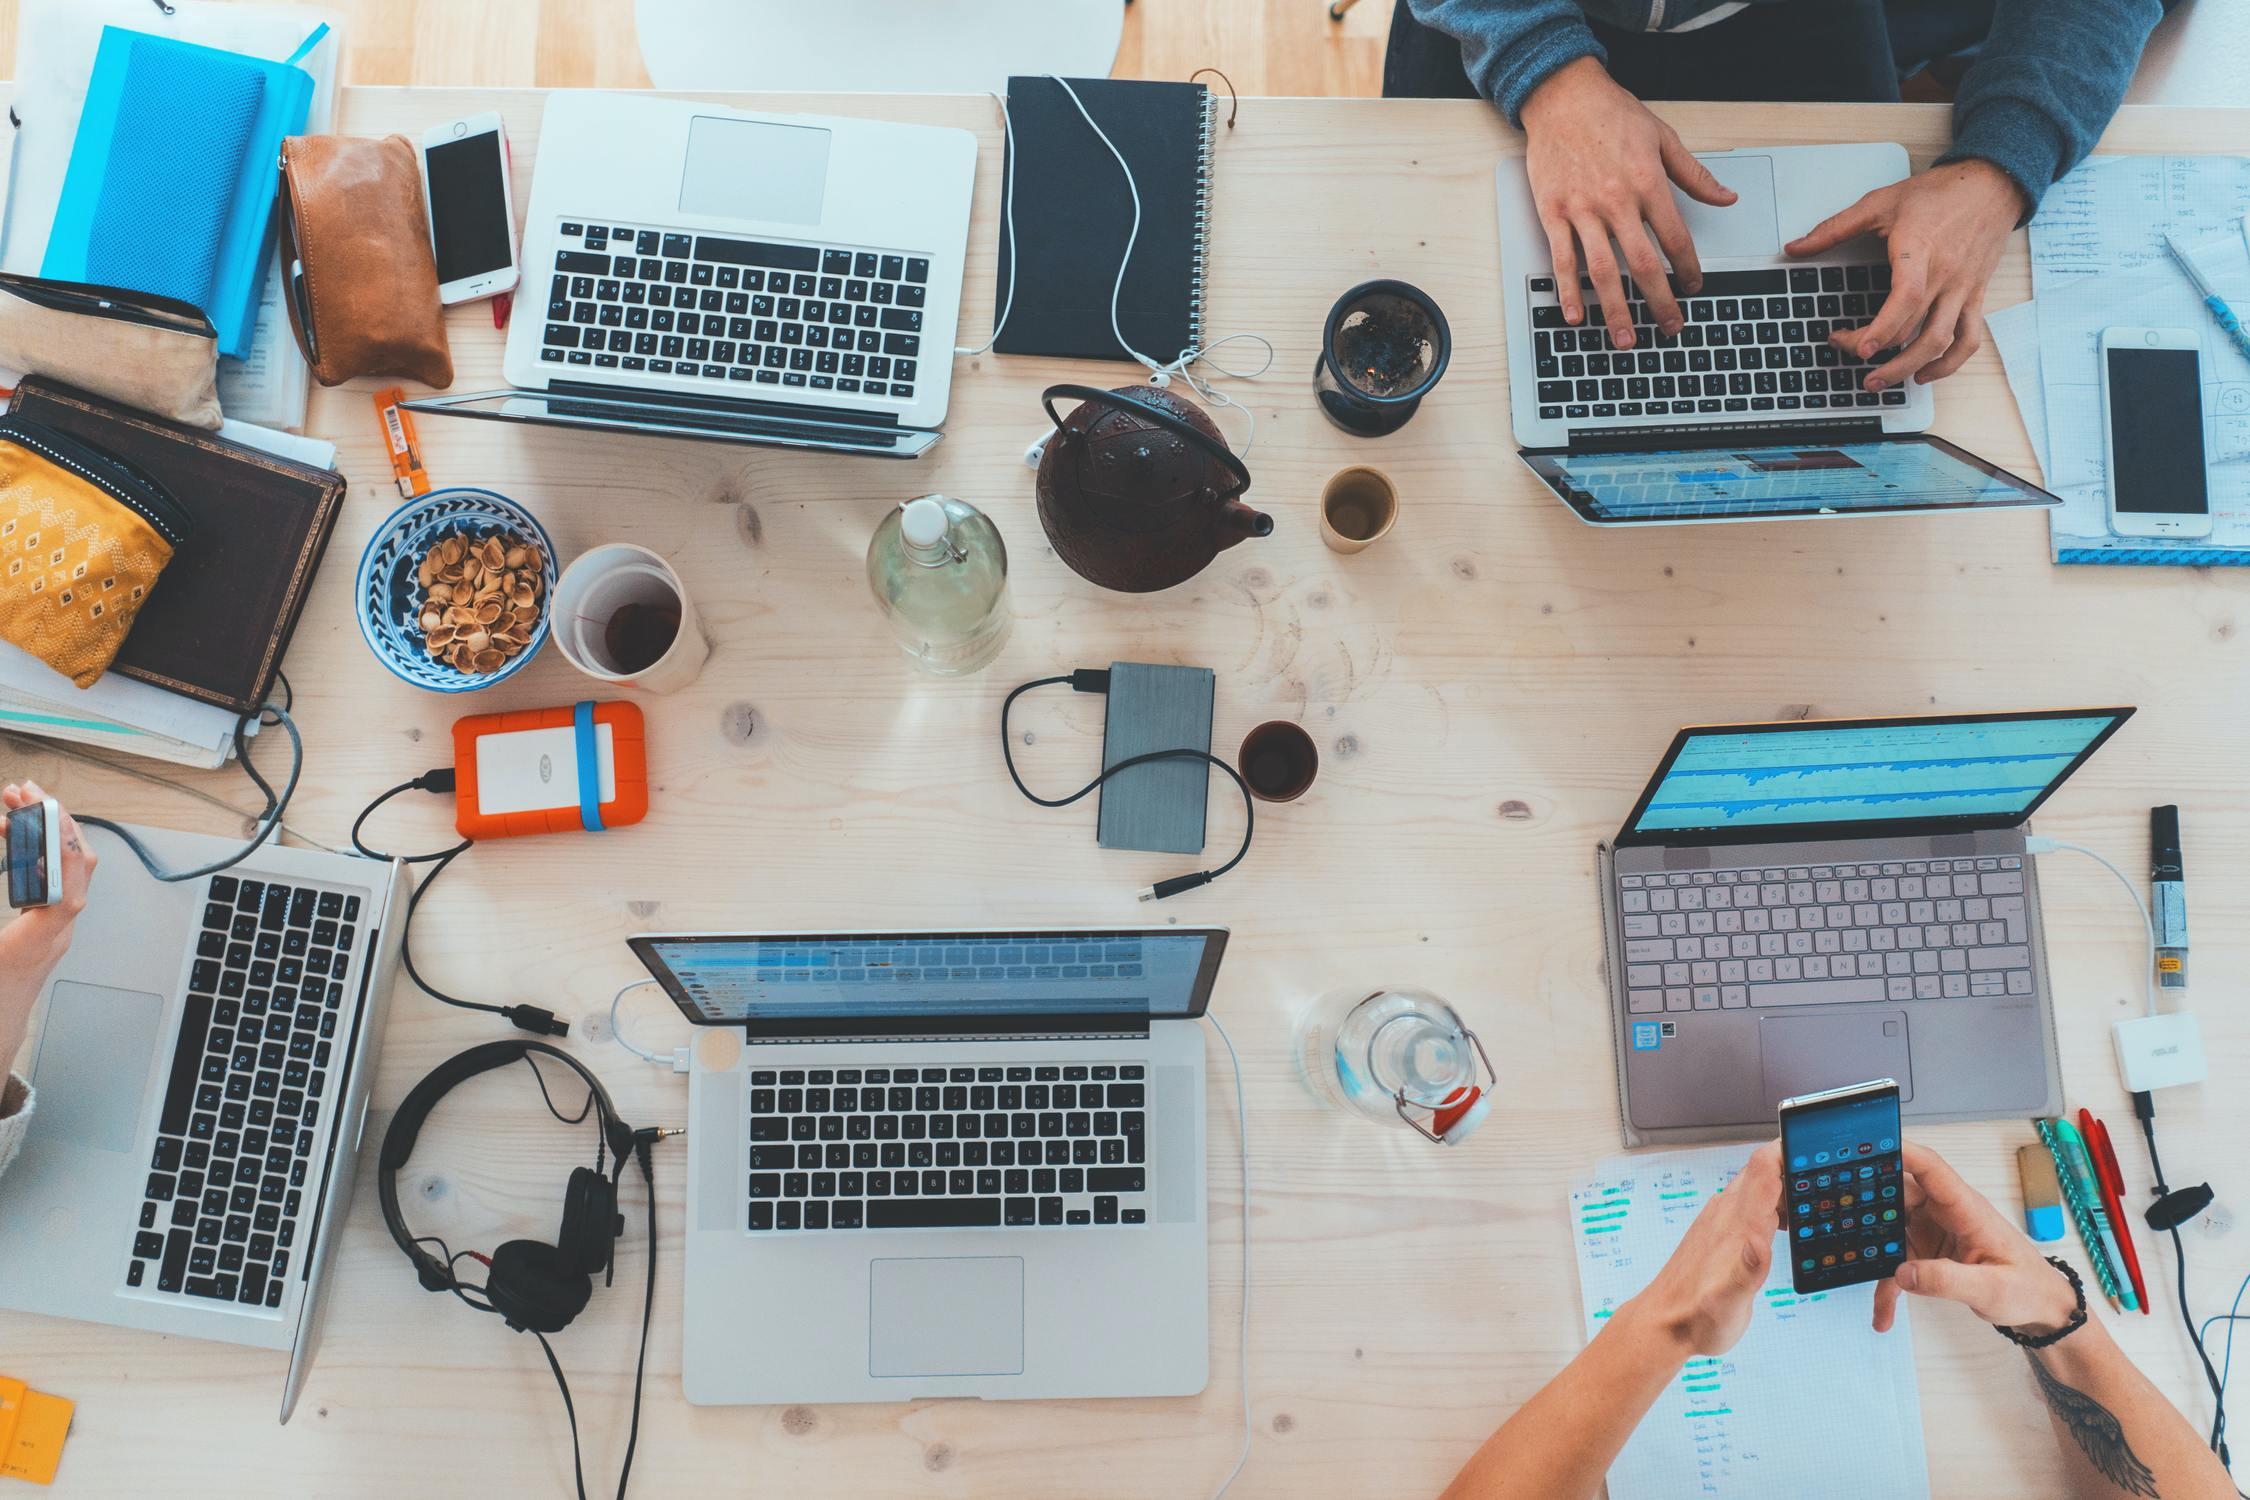 Gemeinsames Arbeiten an einem Tisch mit Laptops